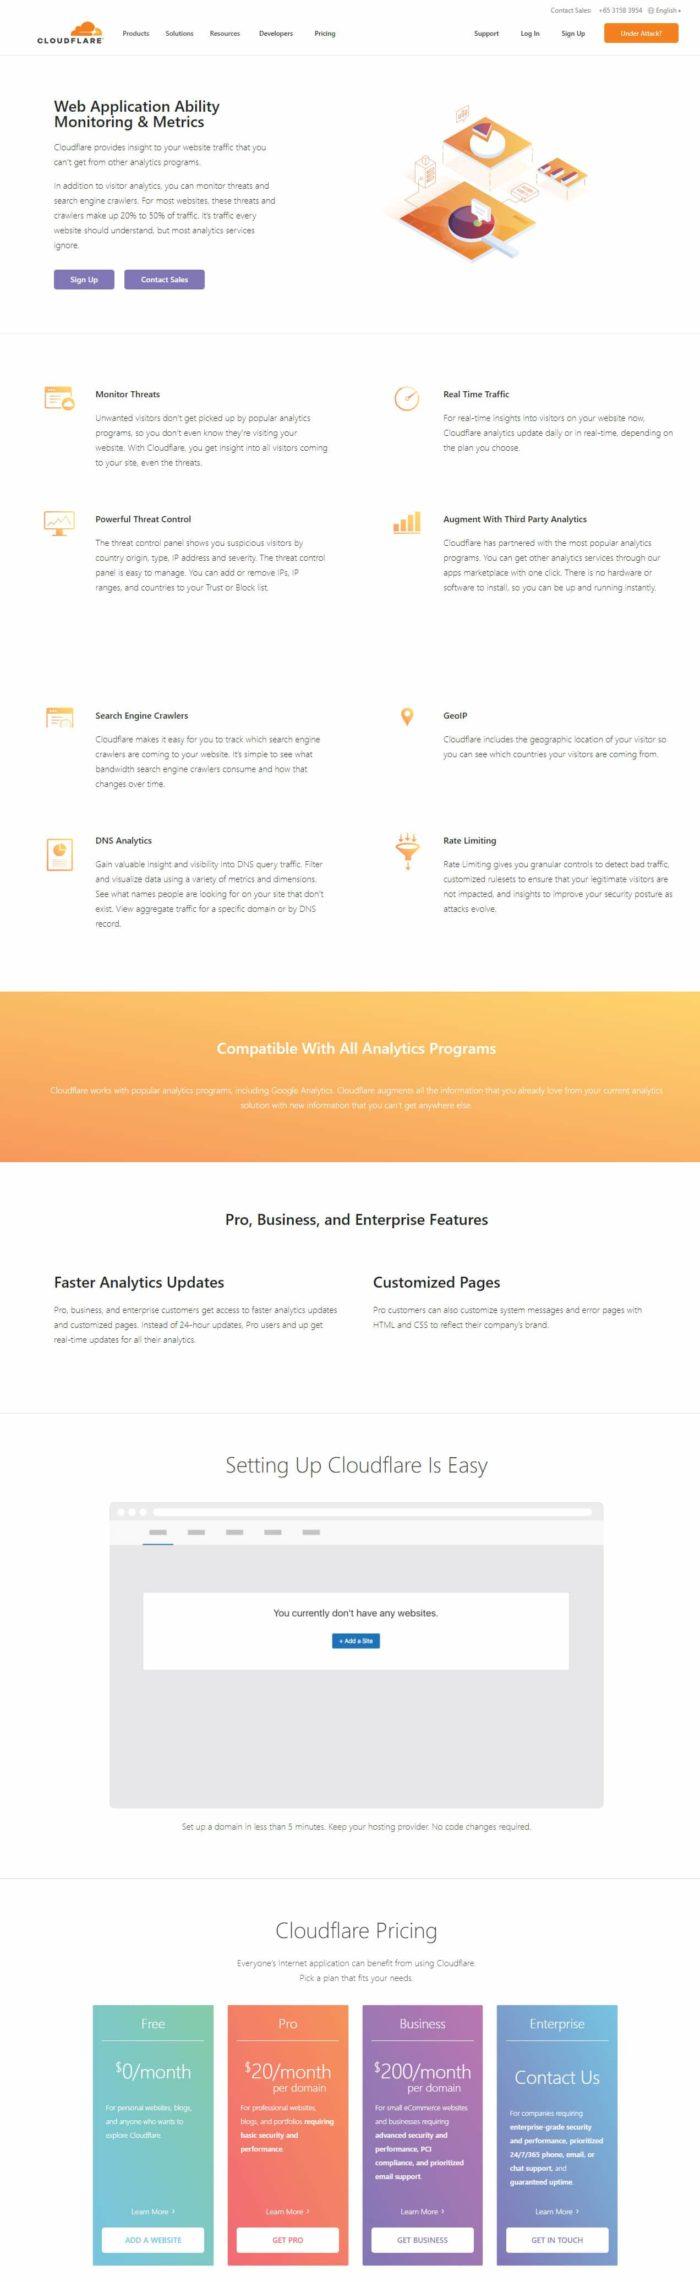 CloudFlare tools analytics